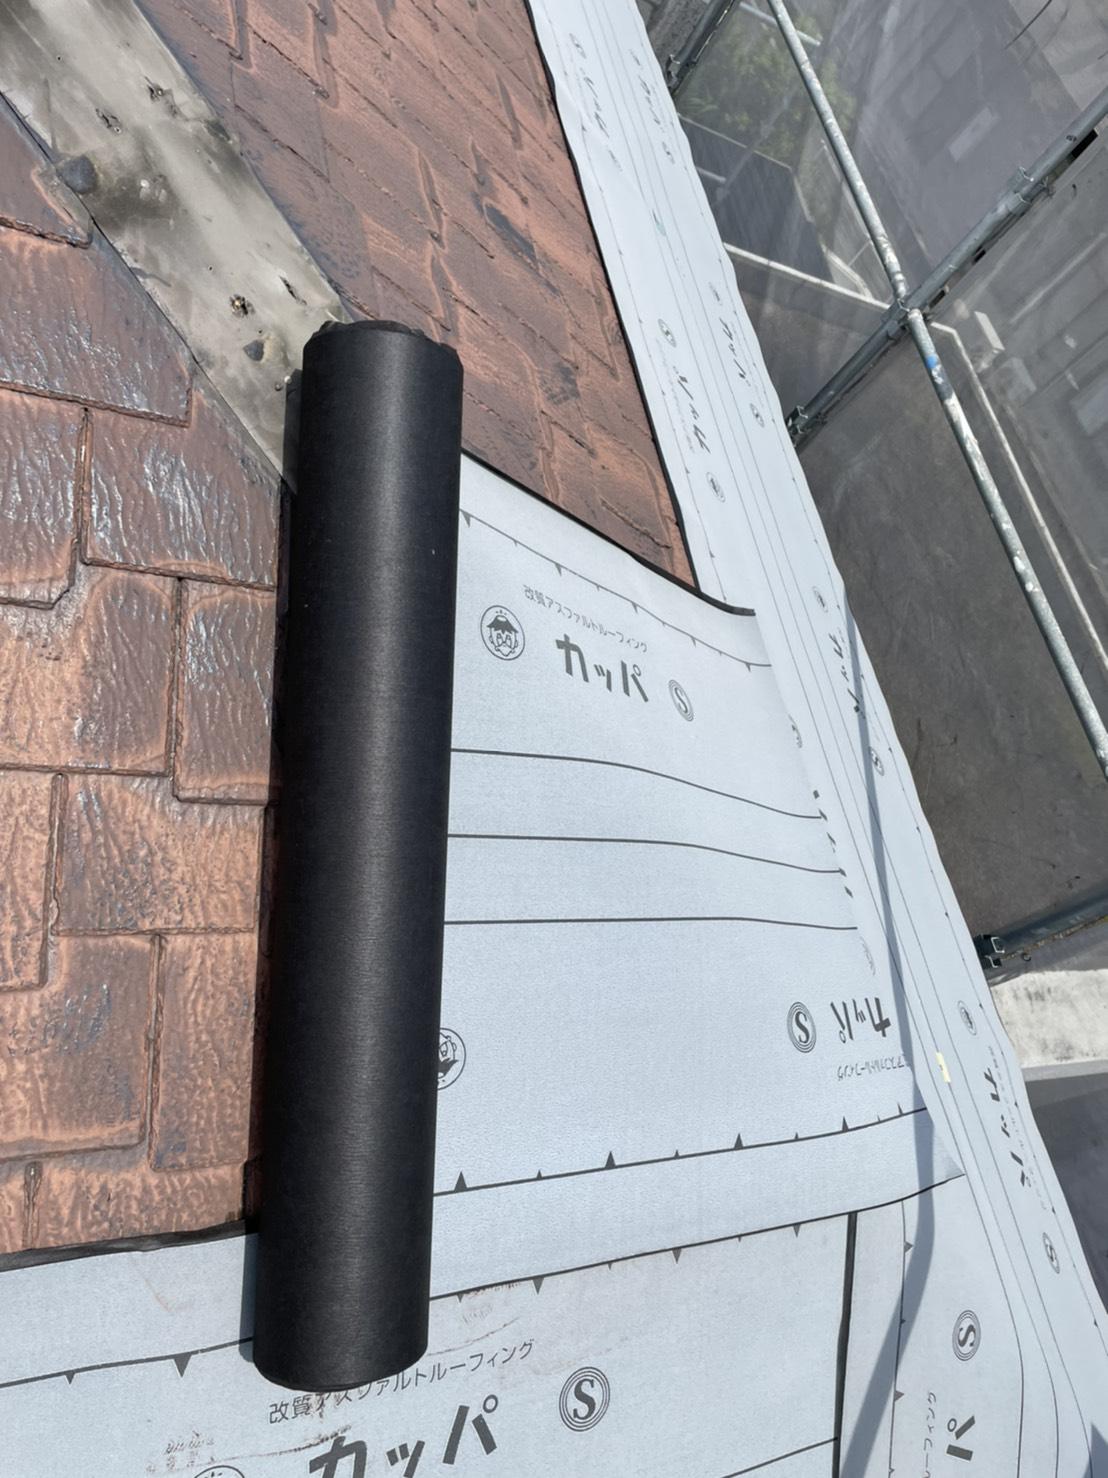 加古川市の屋根カバー工事でスレート屋根の上から防水シートを貼っている様子